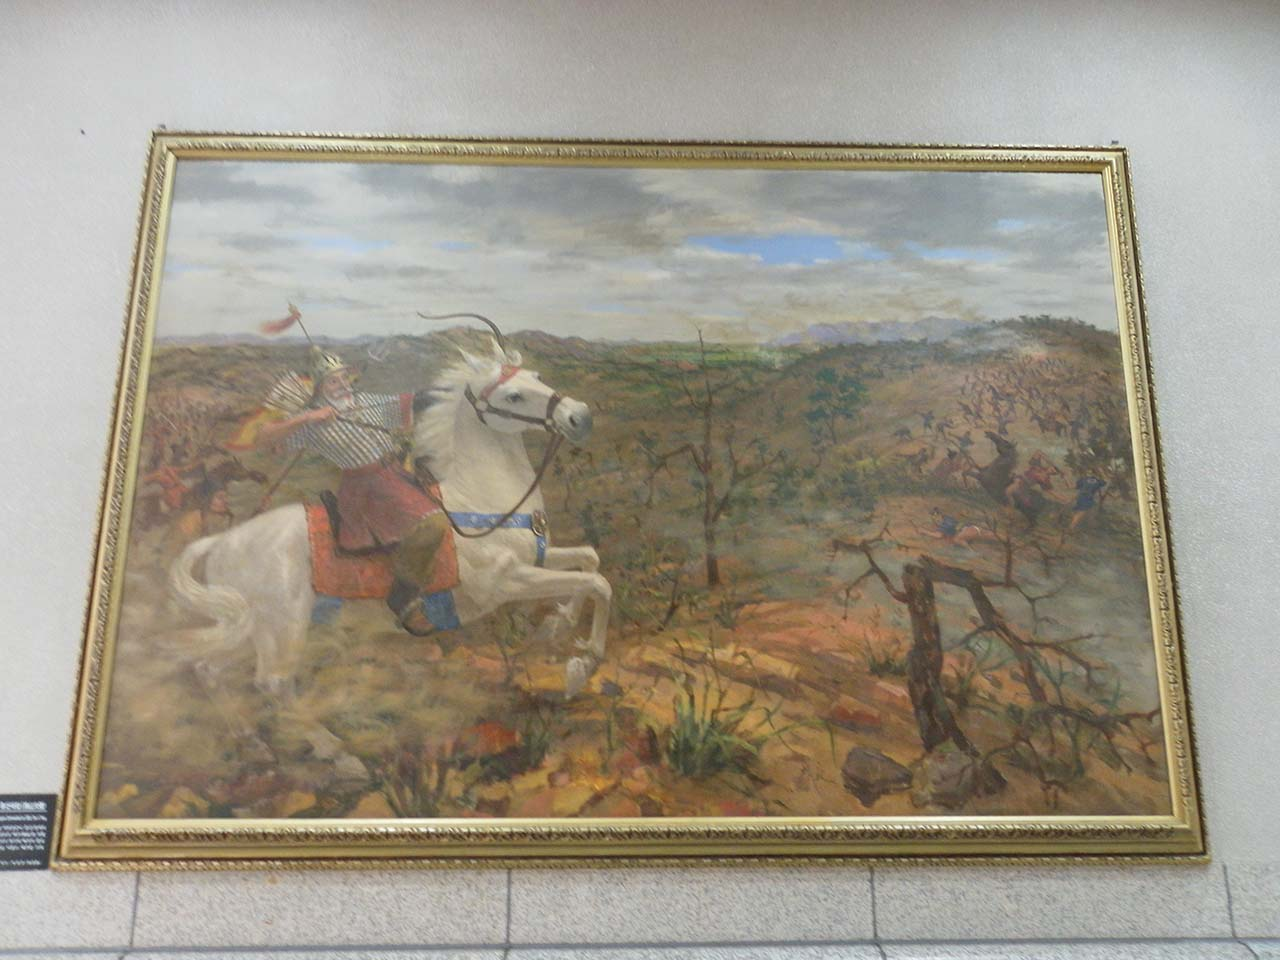 고려시대 장군. 서울시 용산동의 전쟁기념관에서 찍은 사진.